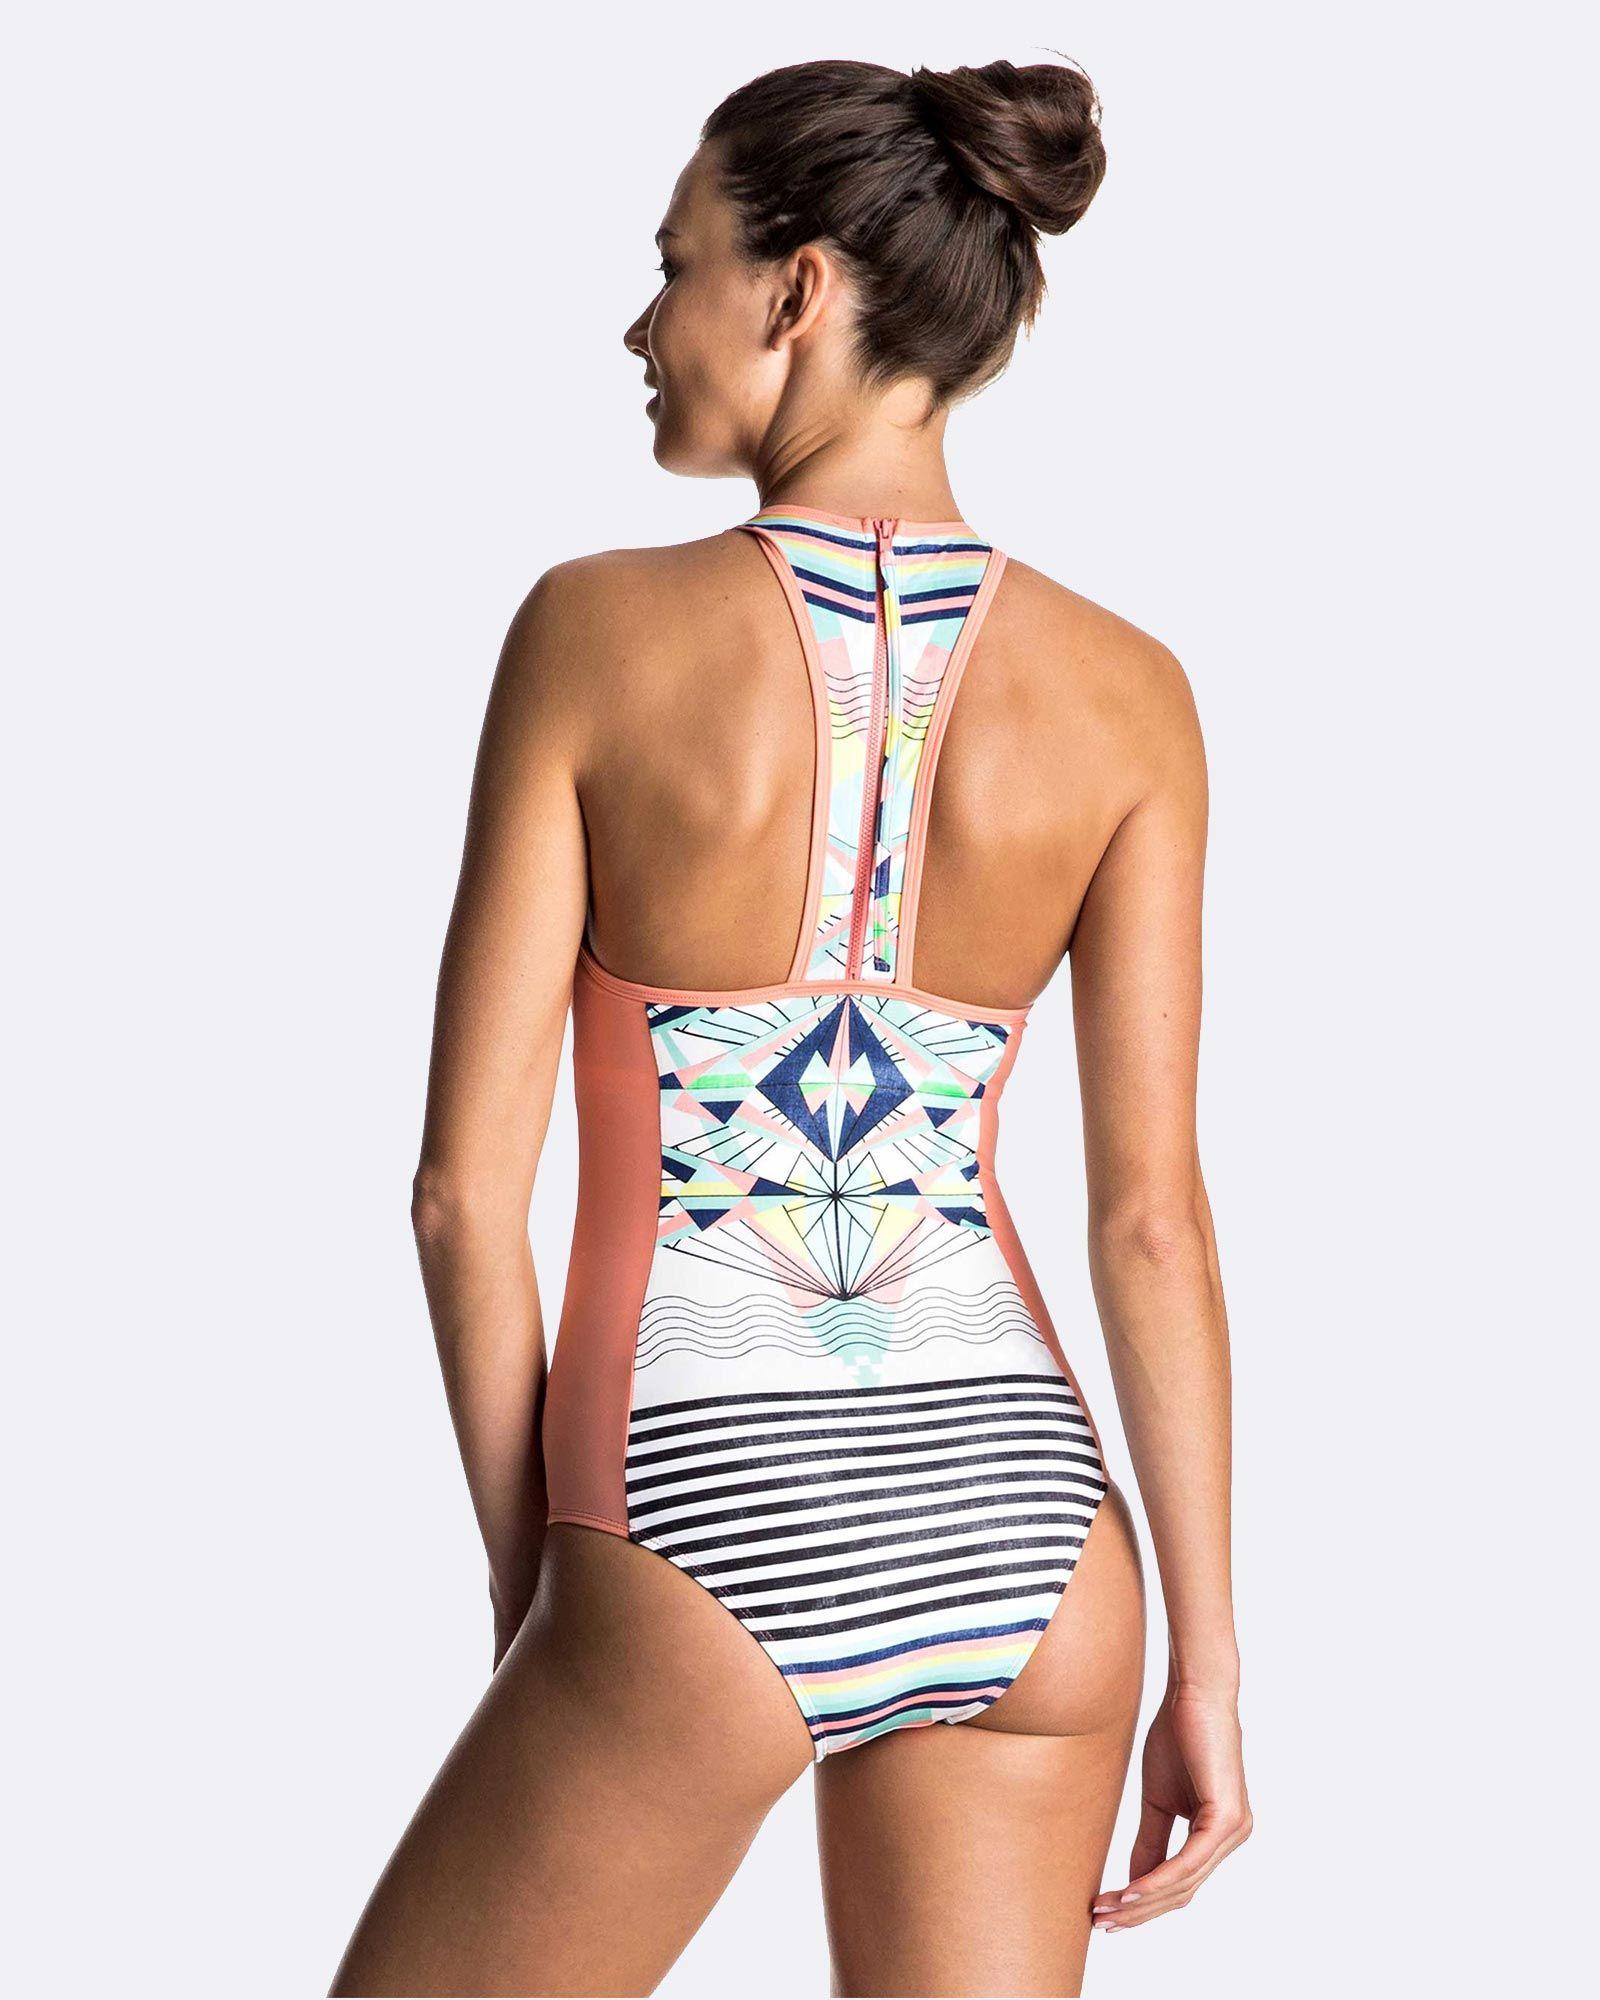 caca196795 Womens Keep It Roxy Fashion One-Piece Swimsuit by Roxy Online